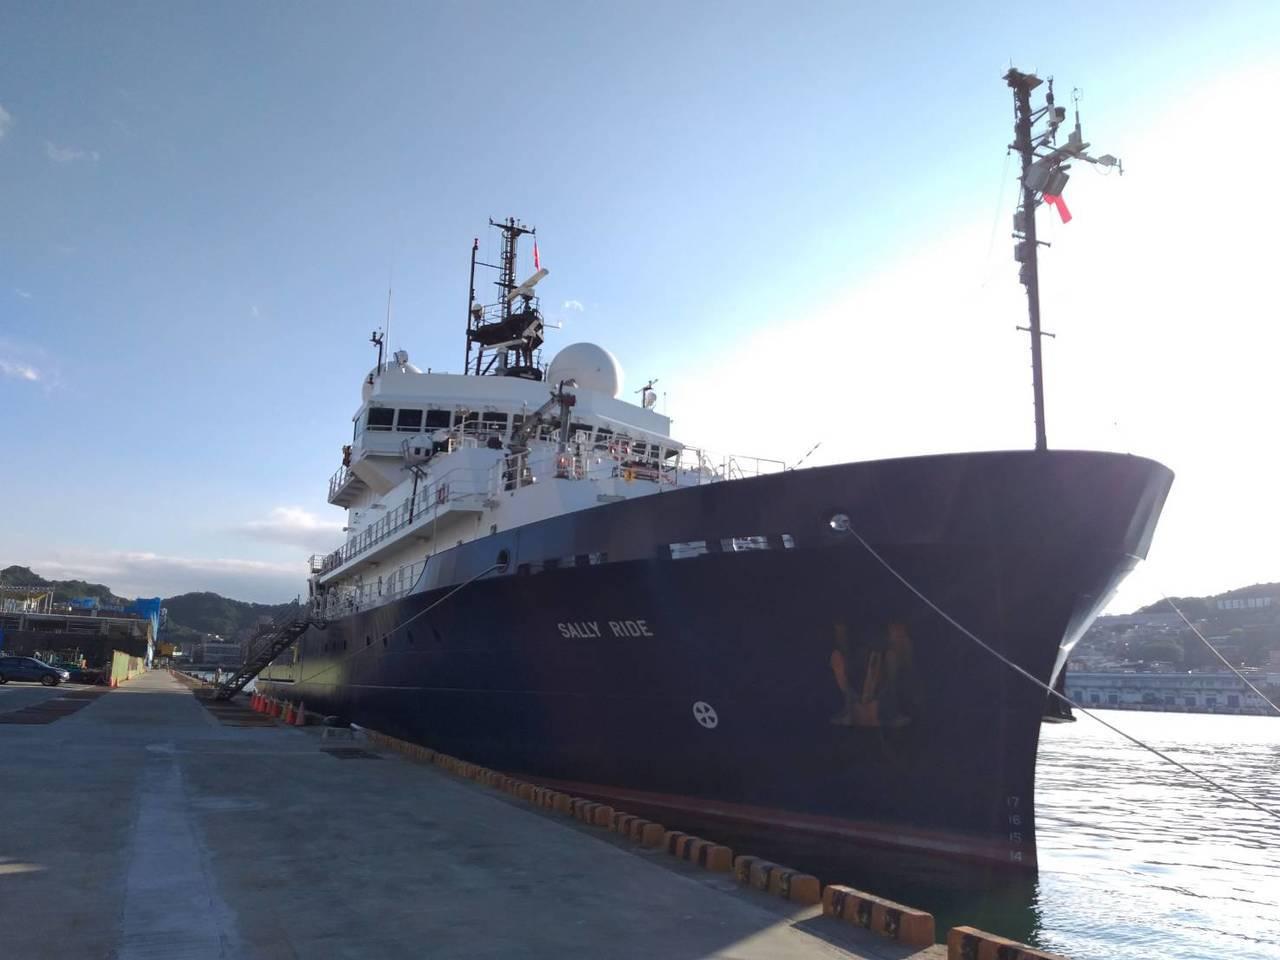 美國海軍科學研究船「莎莉萊德號(Sally Ride)」今天泊靠基隆港東4碼頭,...